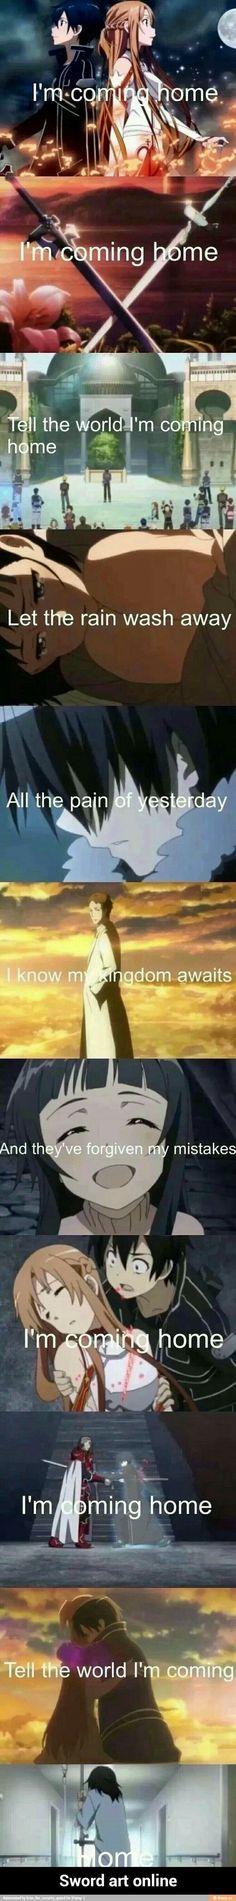 Sword Art Online characters, sad, text, lyrics, I'm Coming Home; Sword Art Online